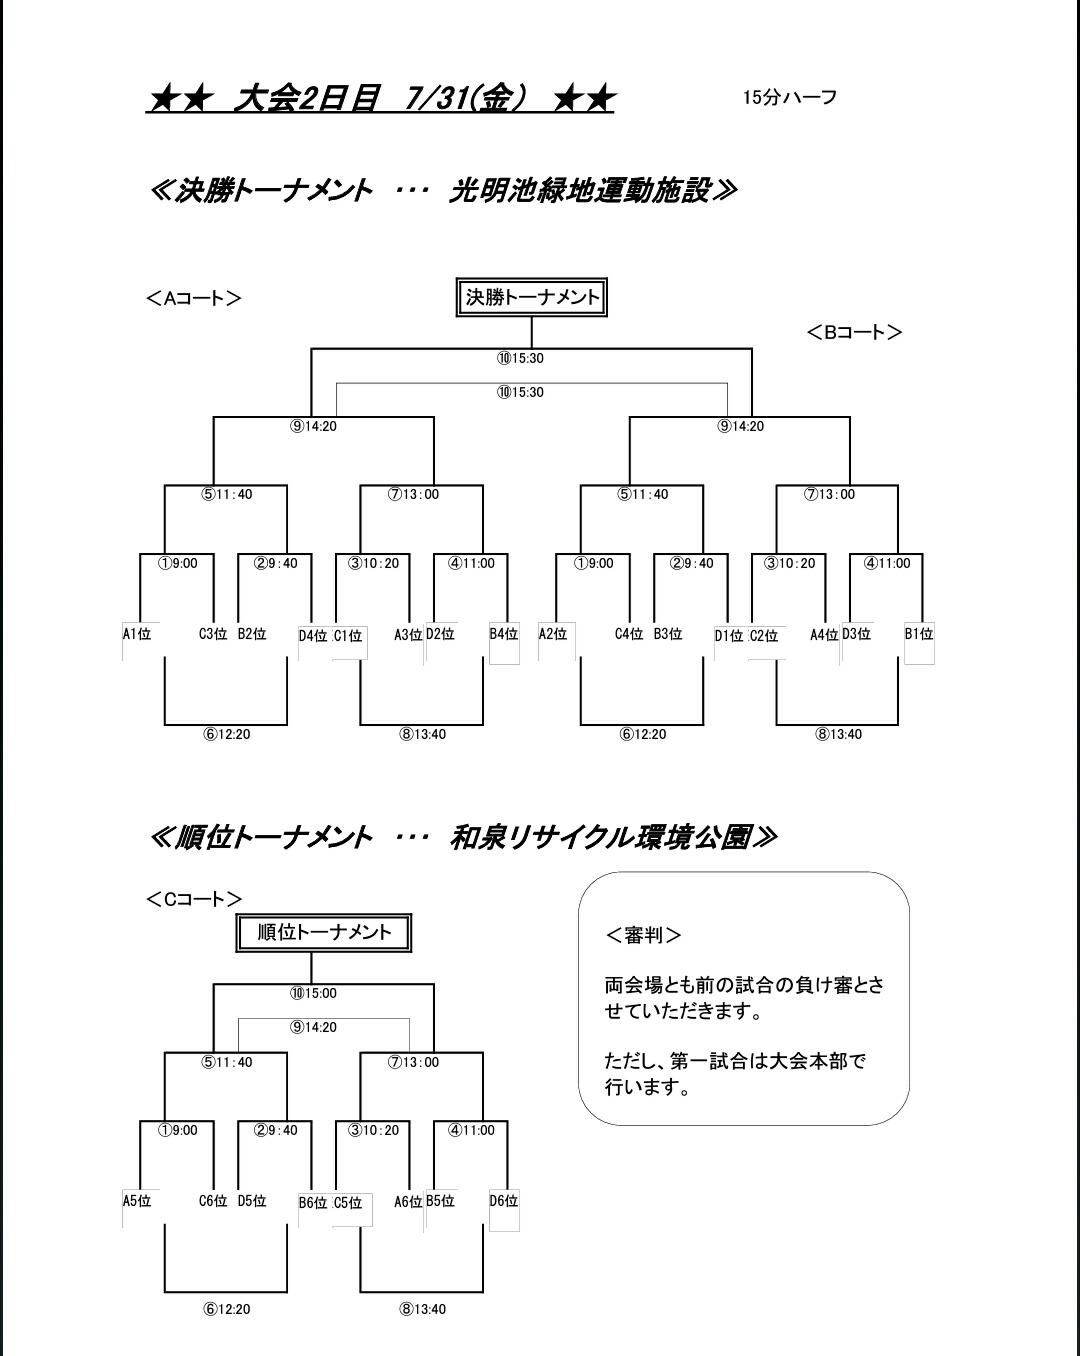 7月31日(金)  U12 第13回和泉国際招待試合_f0138335_21524511.jpg